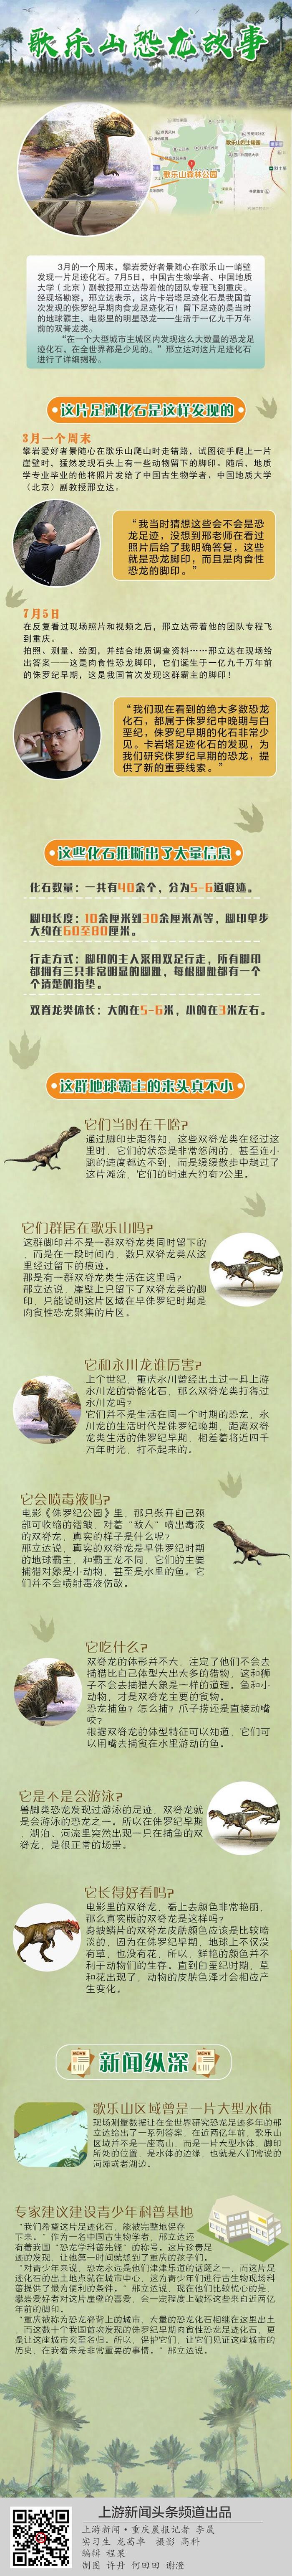 重庆歌乐山发现侏罗纪早期肉食恐龙足迹化石